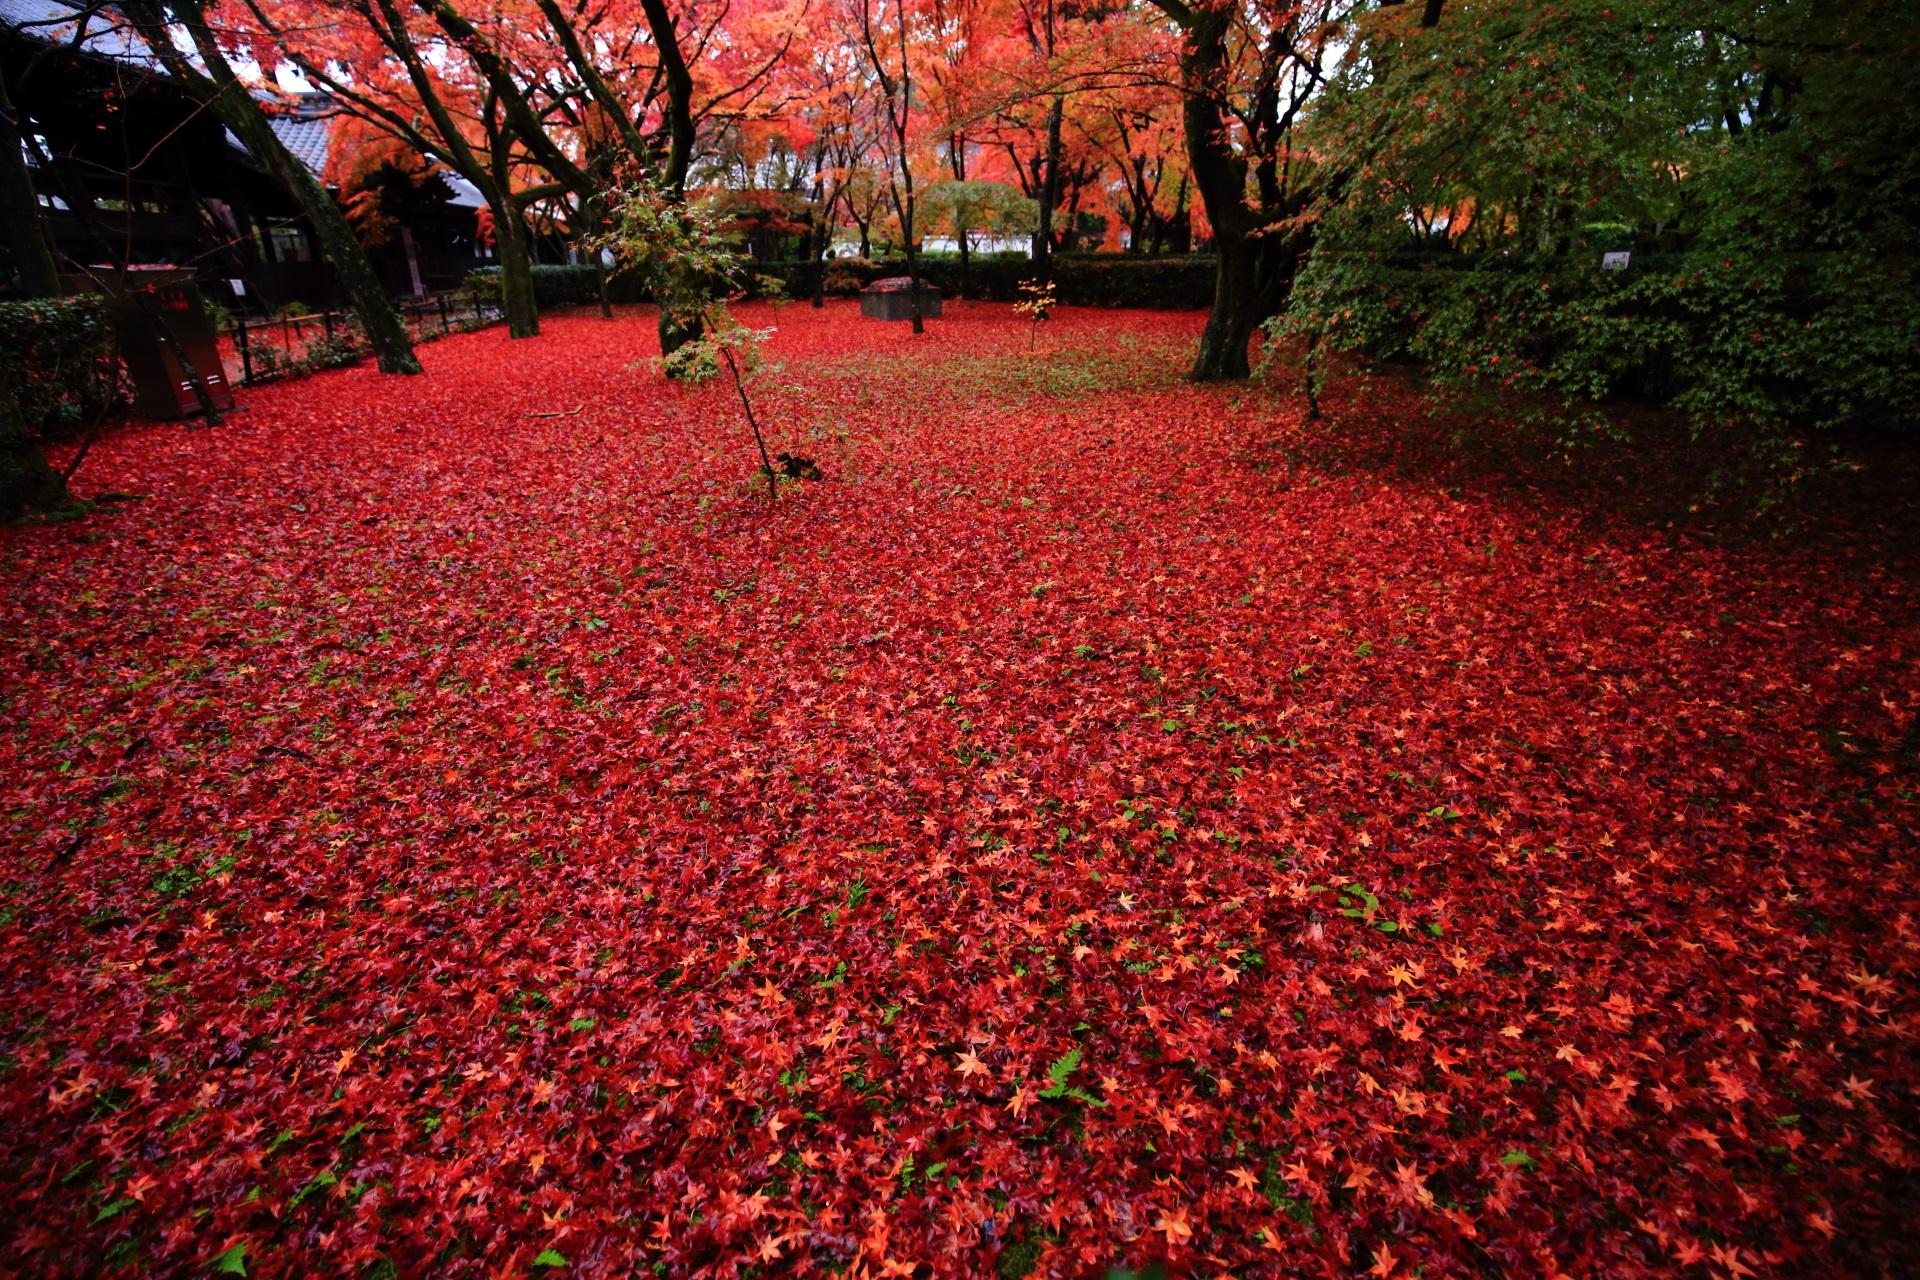 極上の散り紅葉に彩られた晩秋の真如堂